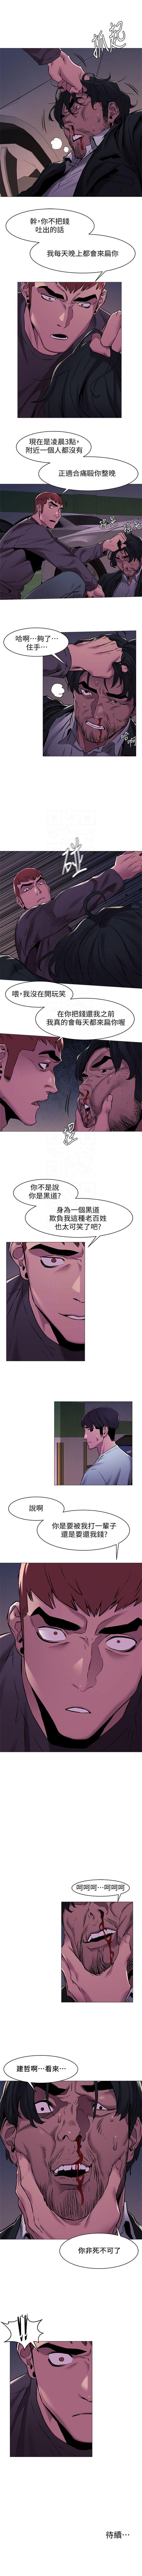 衝突 1-100官方中文(連載中) 358